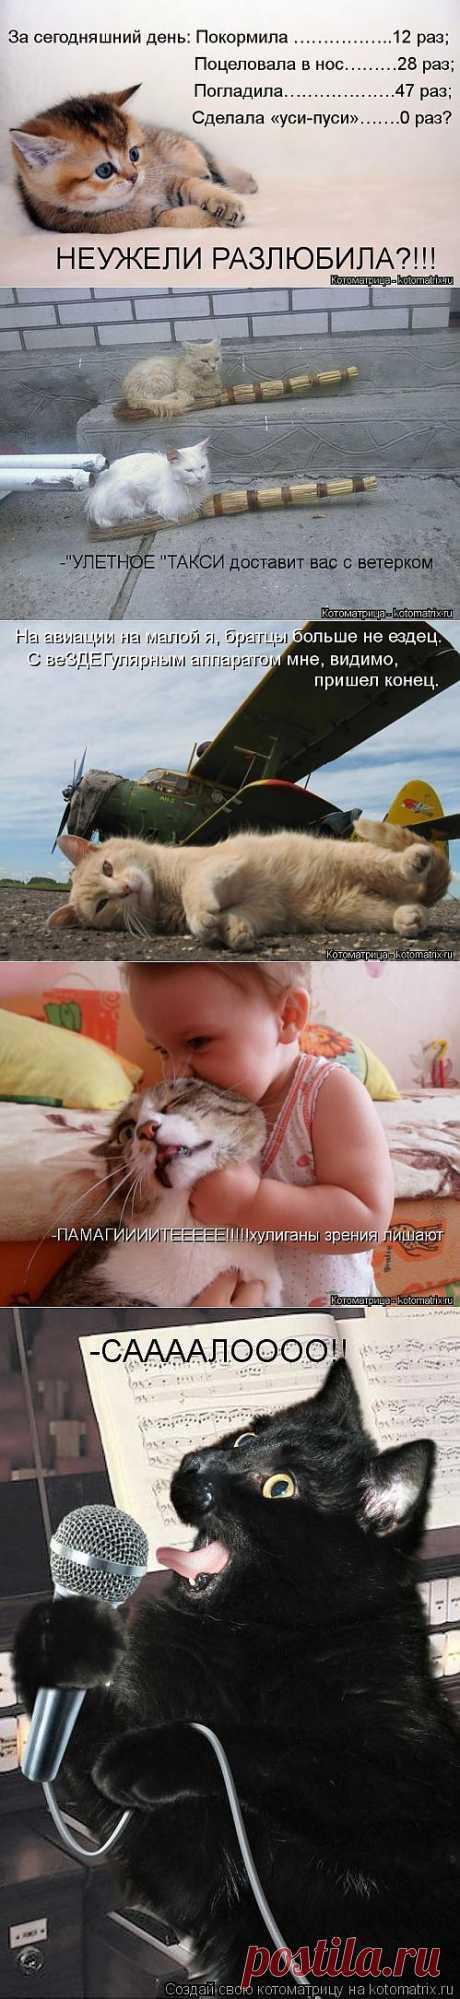 Смешные факты о животных и любимая котоматрица.